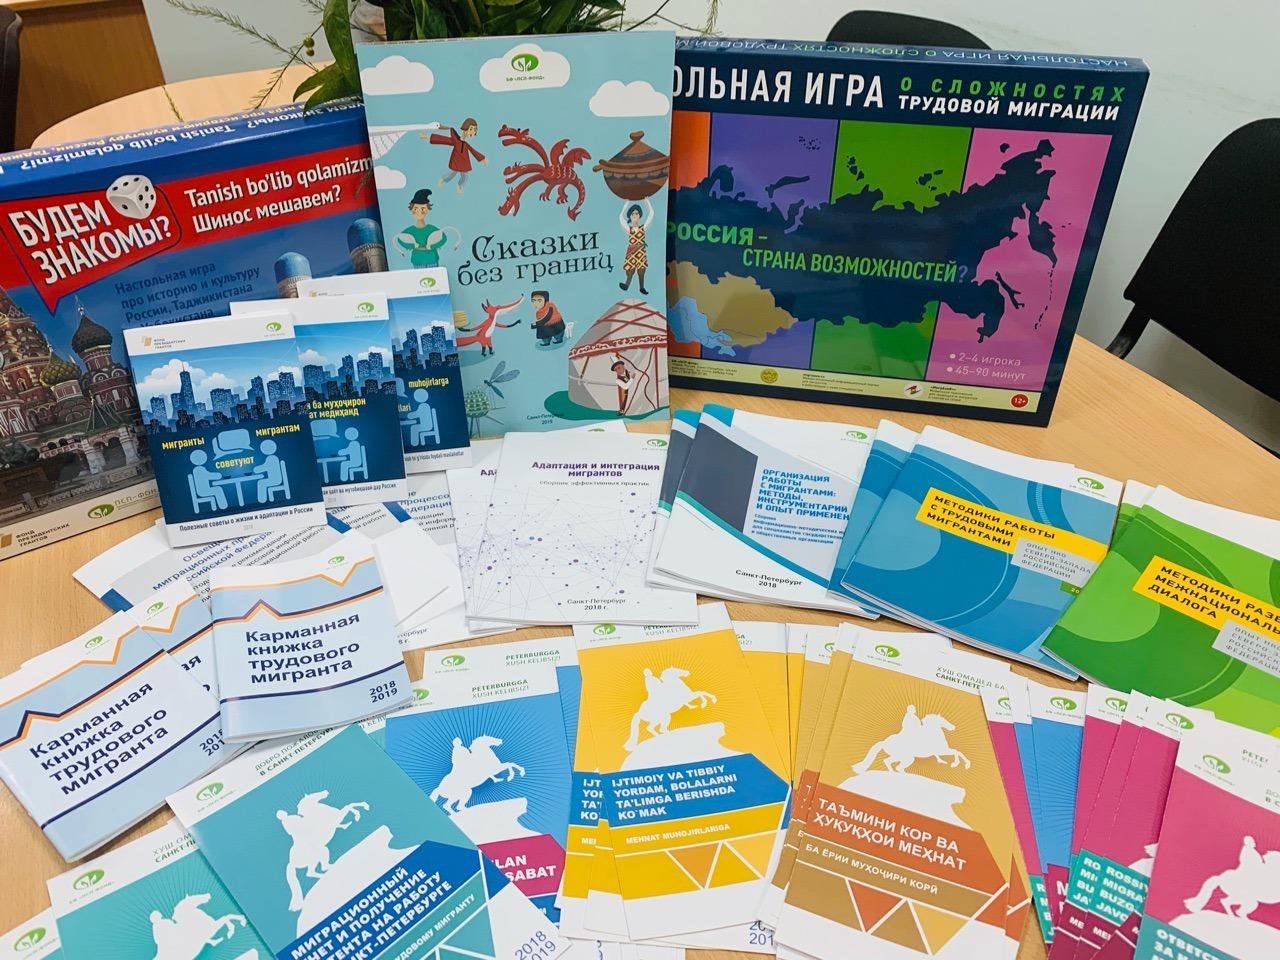 Новые методические пособия по миграционной тематике поступили в Карелию